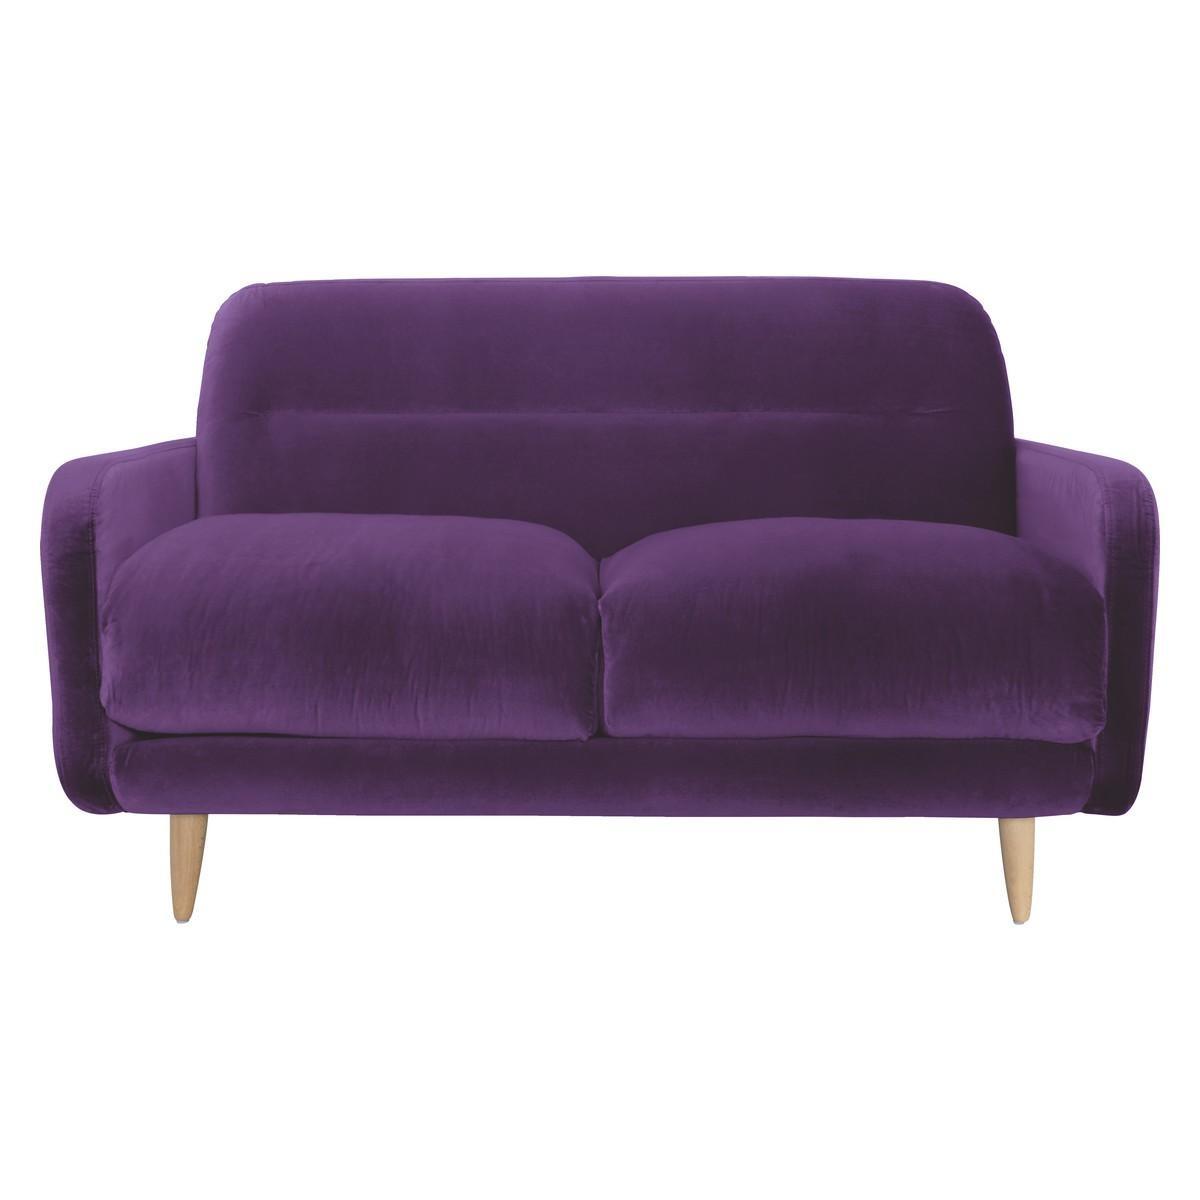 Abel Purple Velvet 2 Seater Sofa | Buy Now At Habitat Uk Pertaining To Velvet Purple Sofas (View 15 of 20)